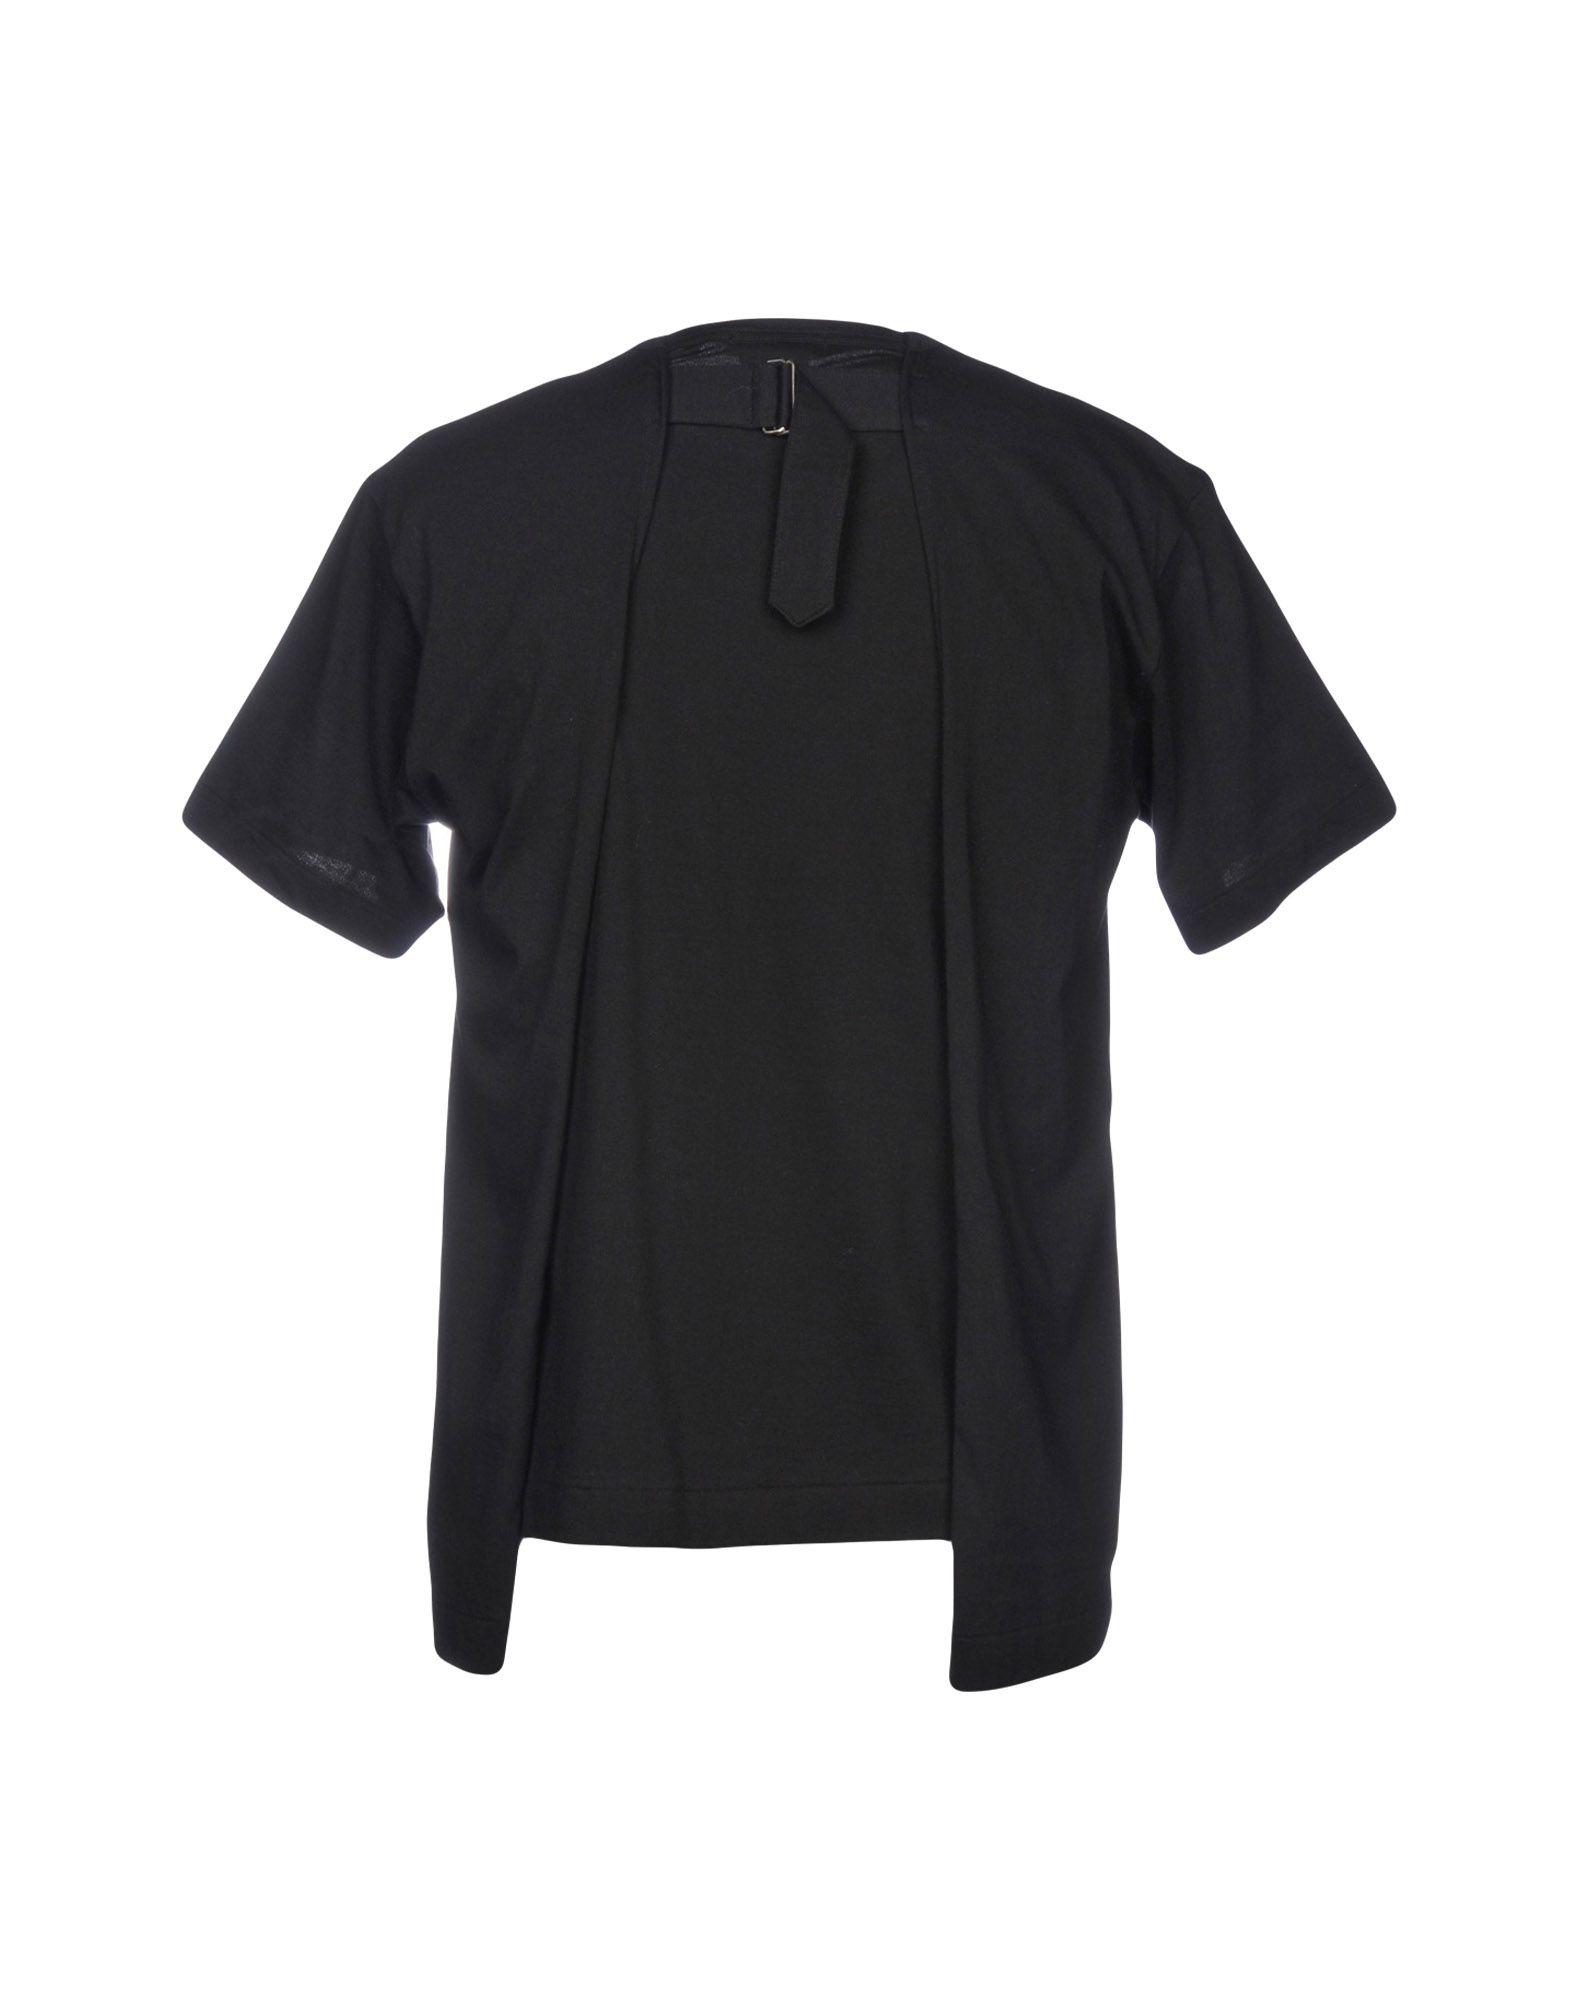 T-Shirt Comme Des Gar Homme ons Homme Gar Plus Uomo - 12199373LO f48697